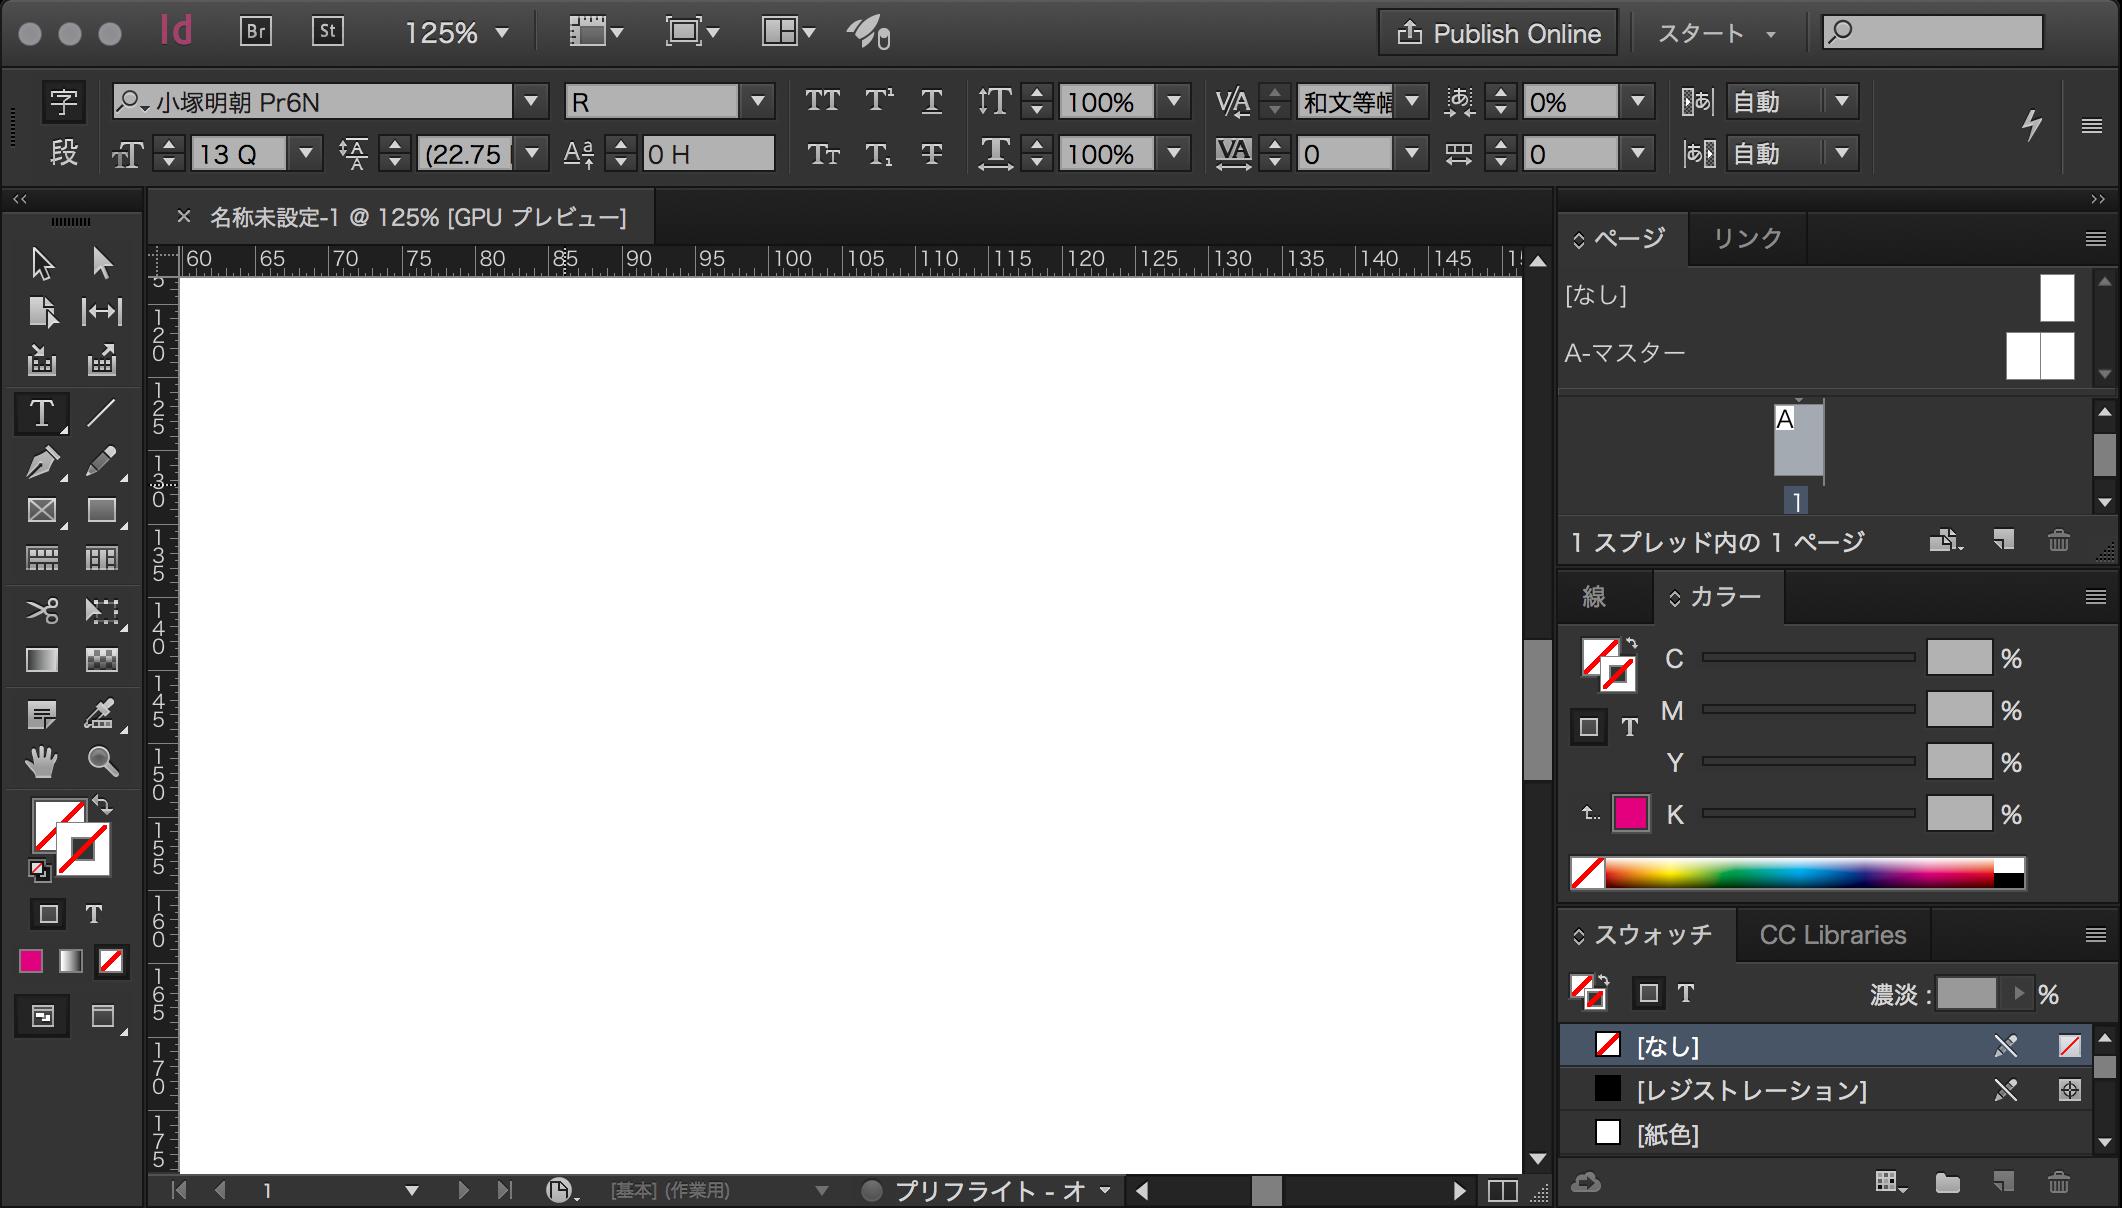 「InDesign CC 2015.4」のUI。全体的に「目に優しいUI」に変化。